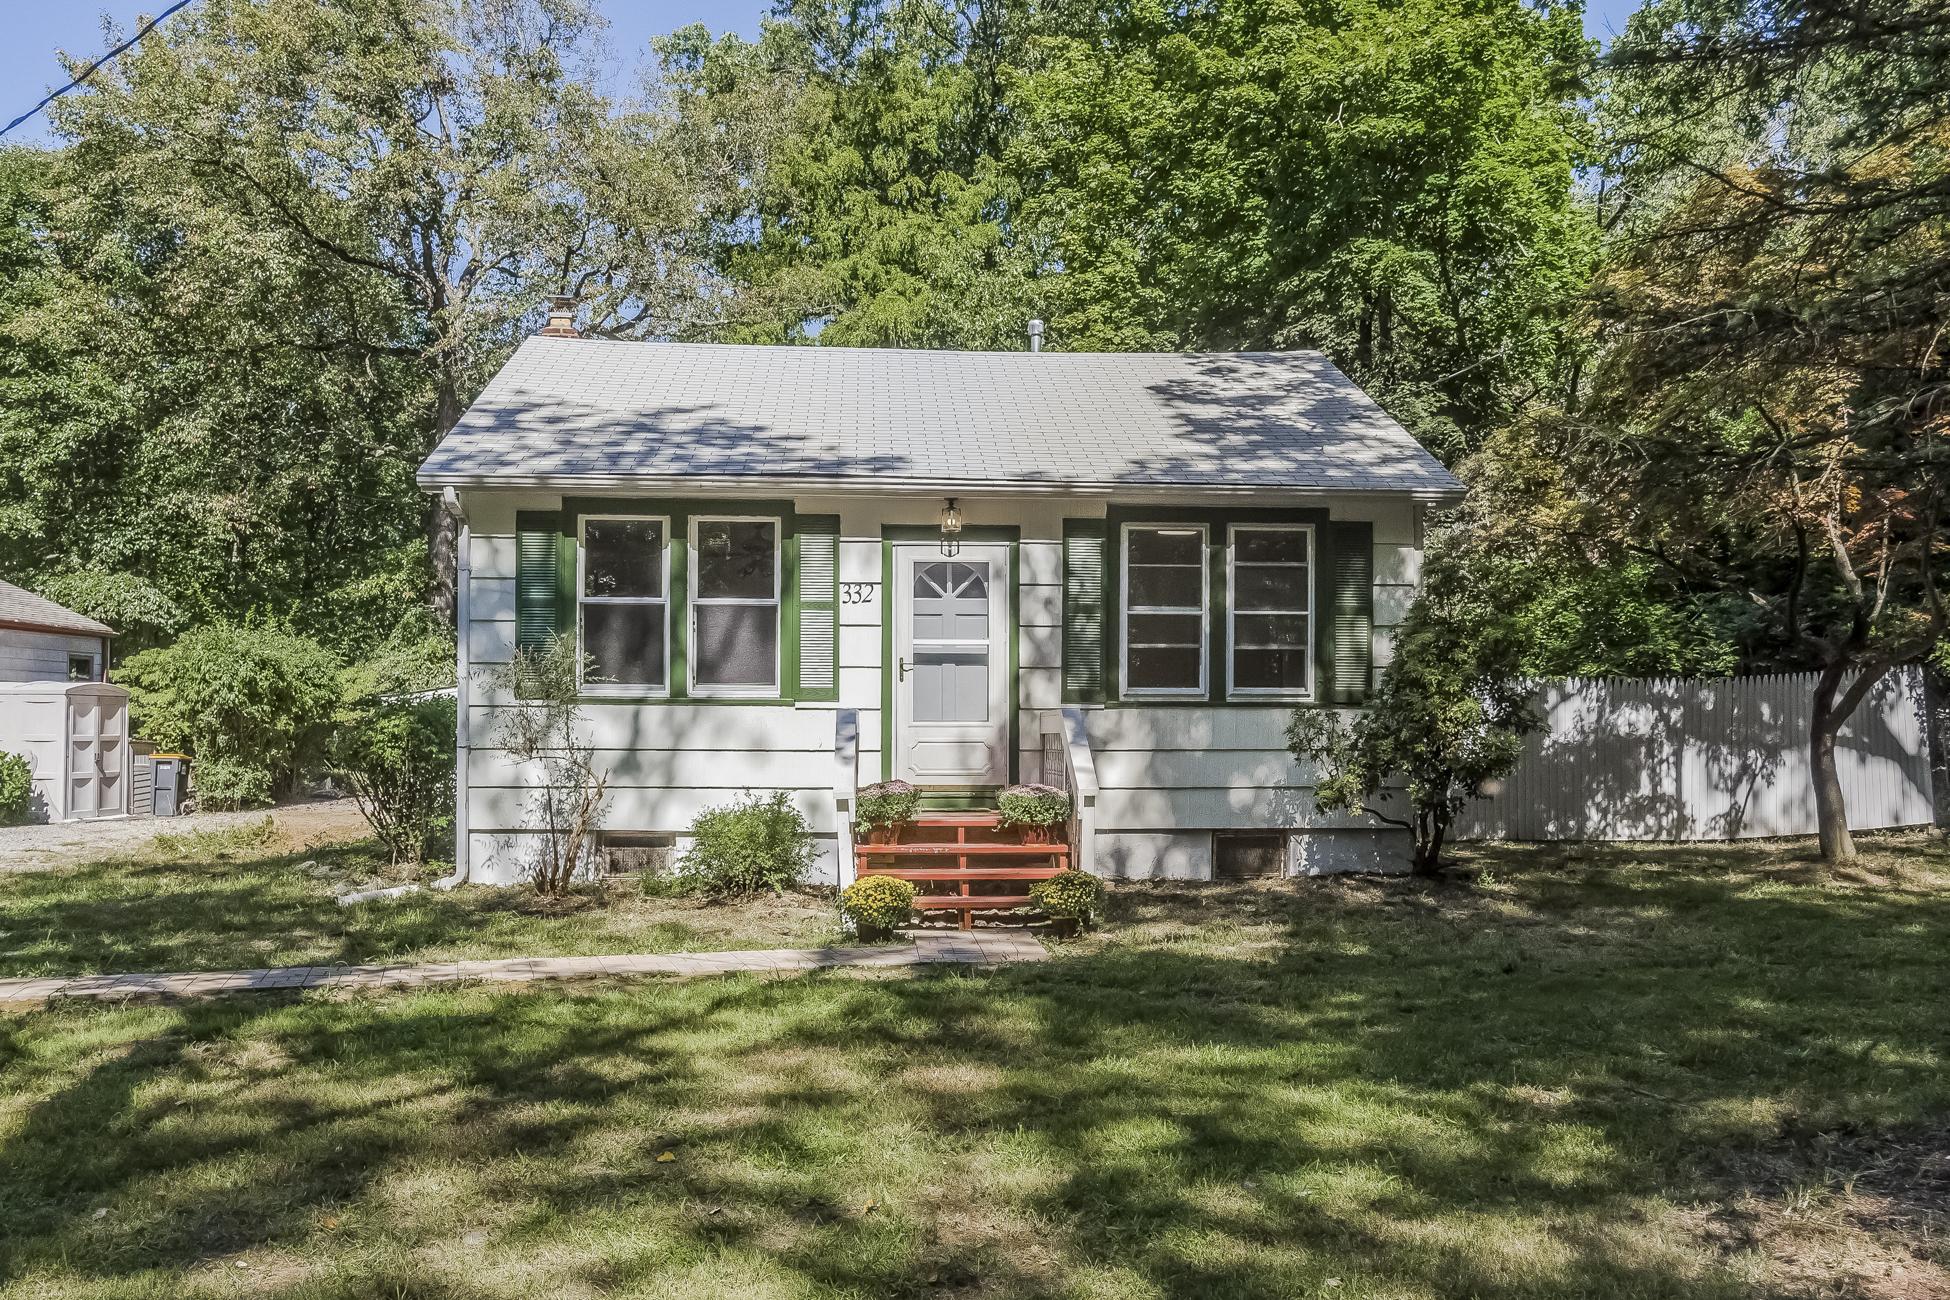 Casa Unifamiliar por un Venta en Spacious Cottage 332 Zion Road Hillsborough, Nueva Jersey 08844 Estados Unidos